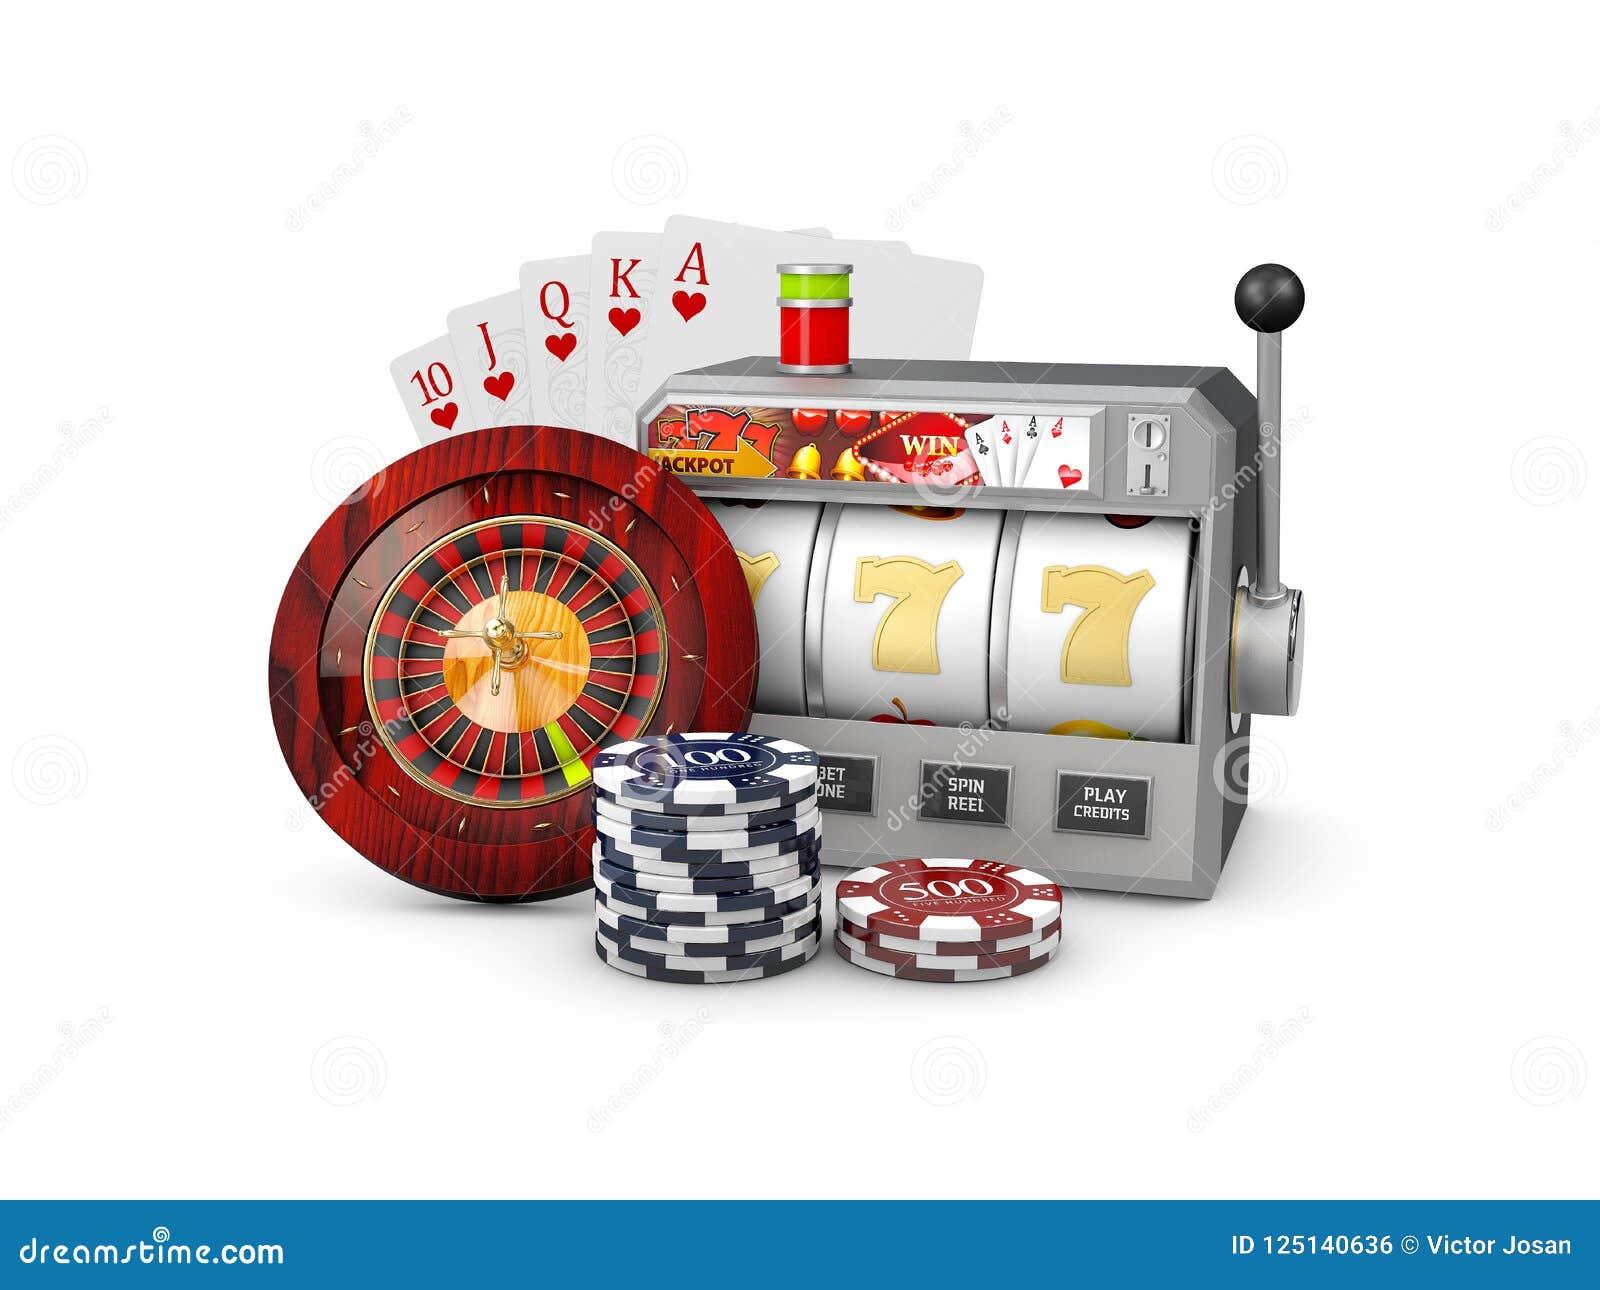 Μηχάνημα τυχερών παιχνιδιών με κέρματα με το τζακ ποτ, έννοια χαρτοπαικτικών λεσχών, τρισδιάστατη απεικόνιση των στοιχείων παιχνι